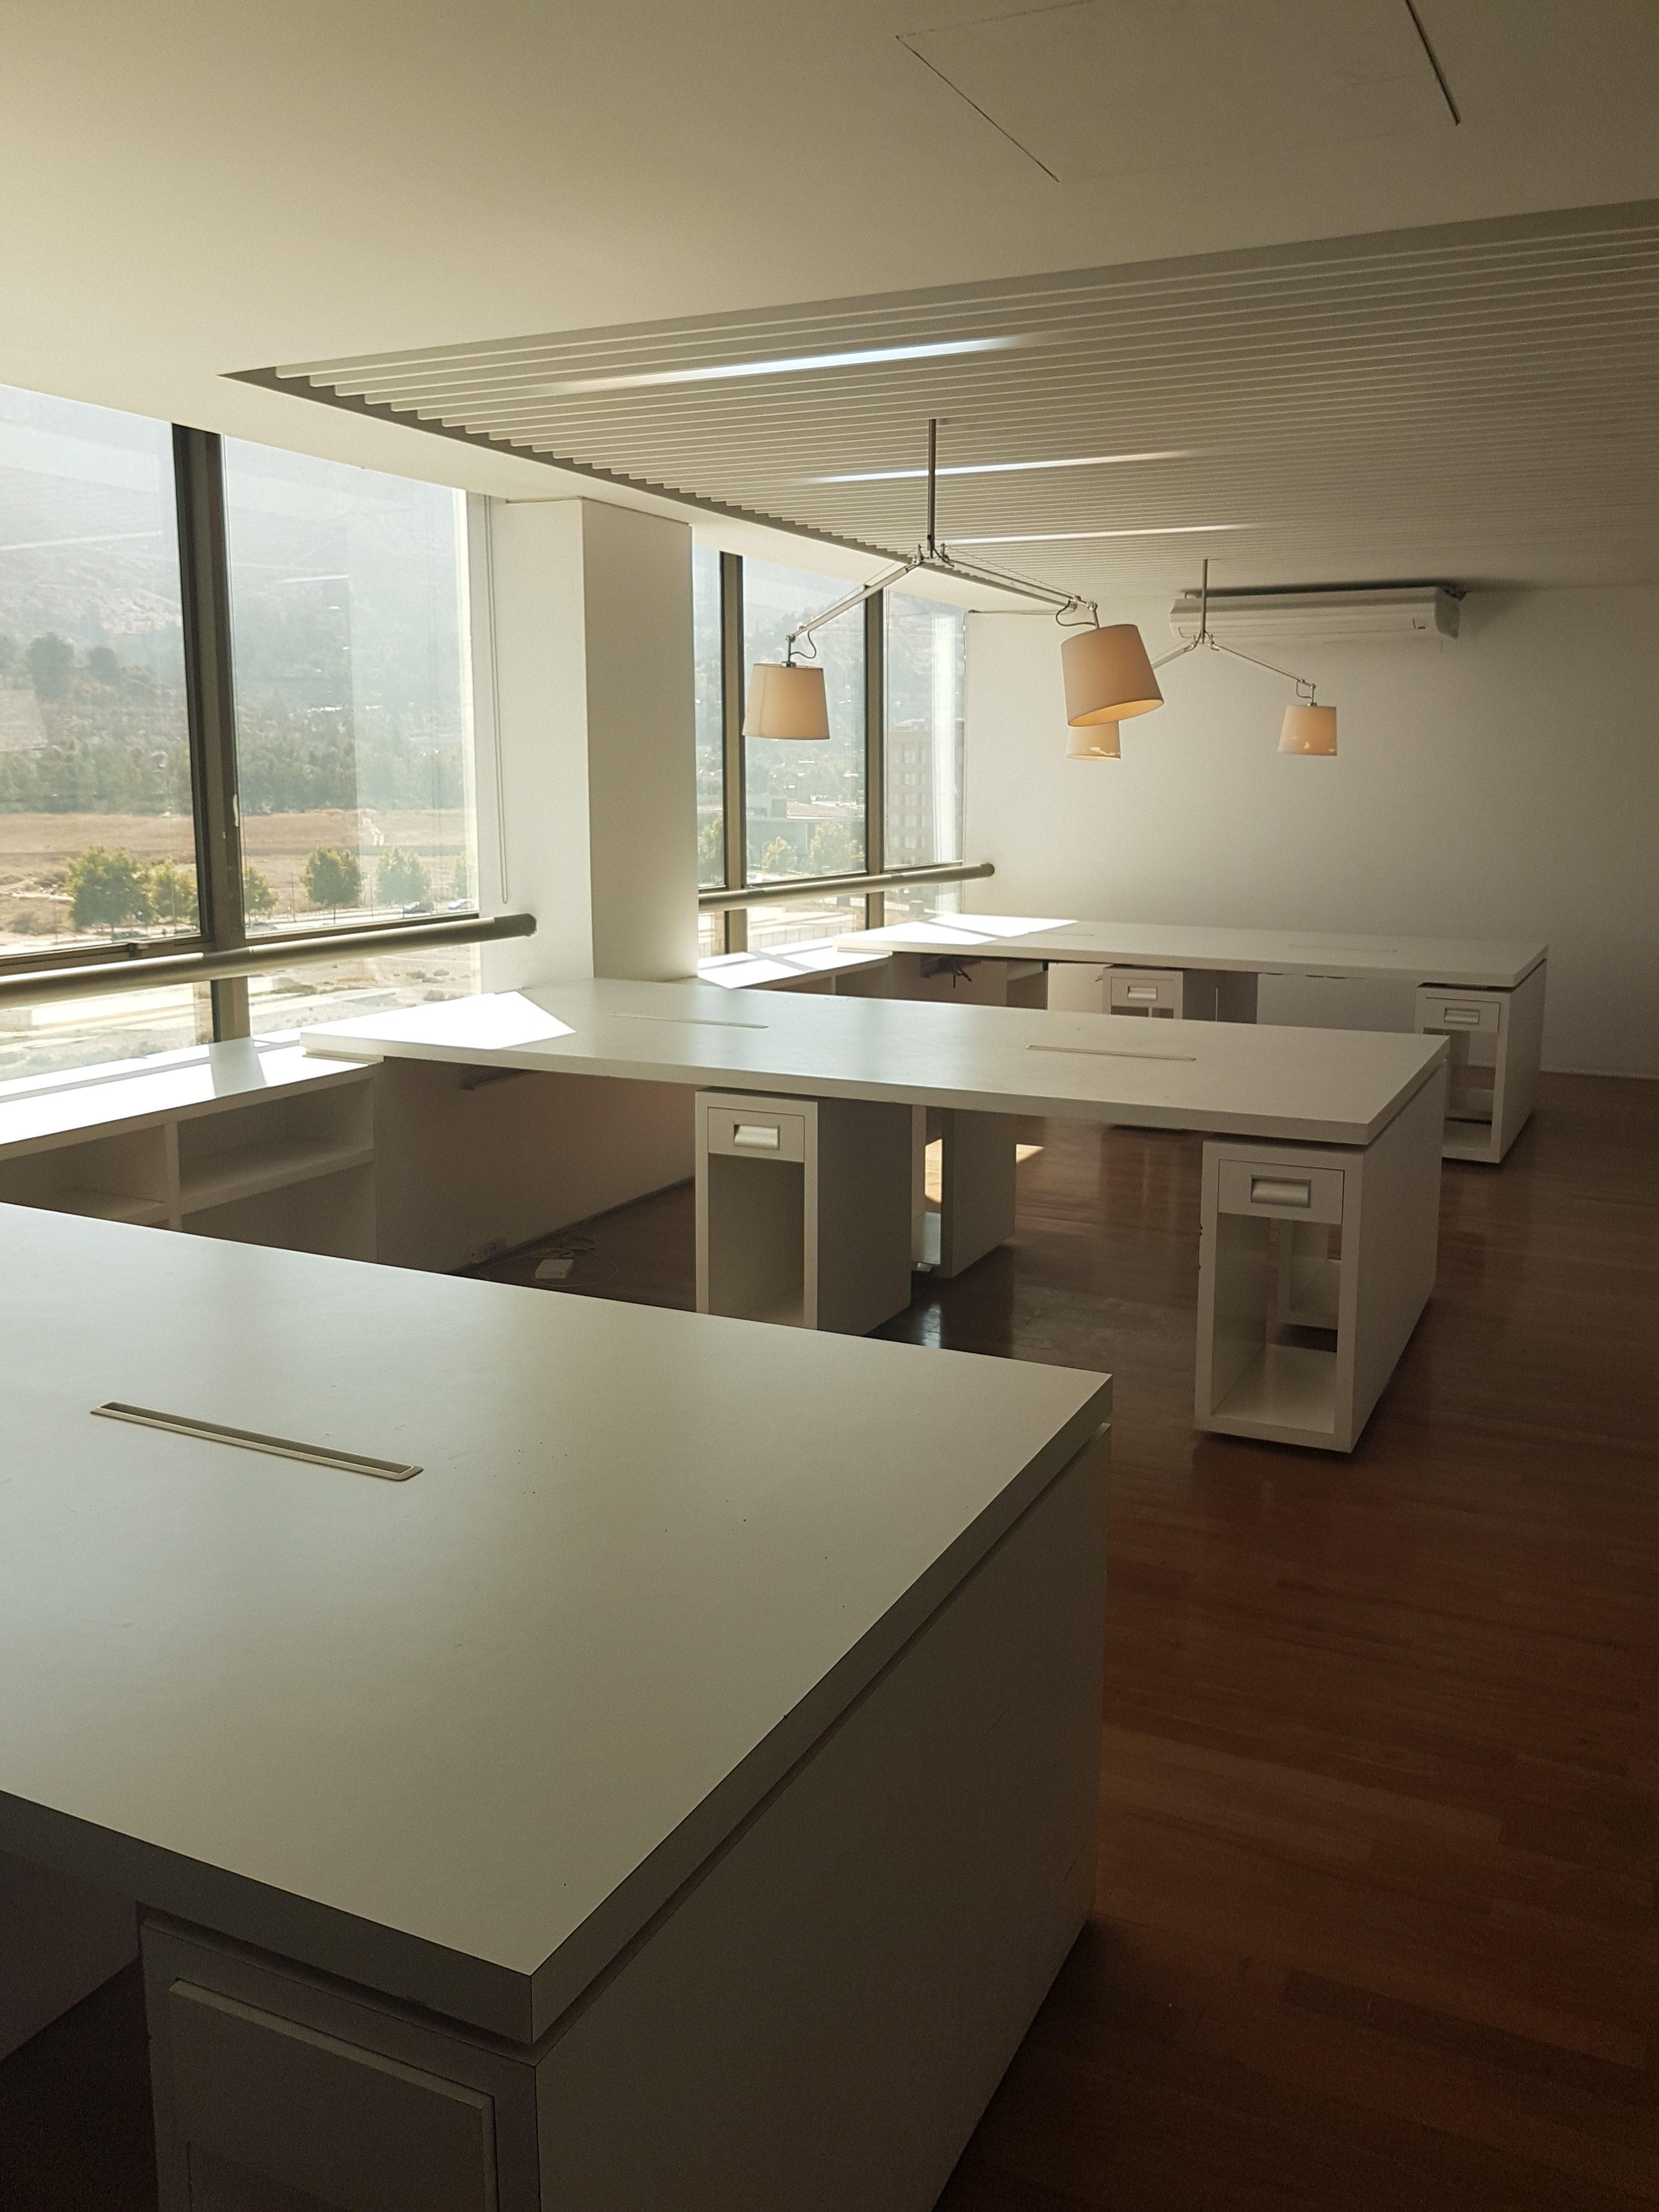 Oficina 100m2 Habilitada Ciudad Empresarial